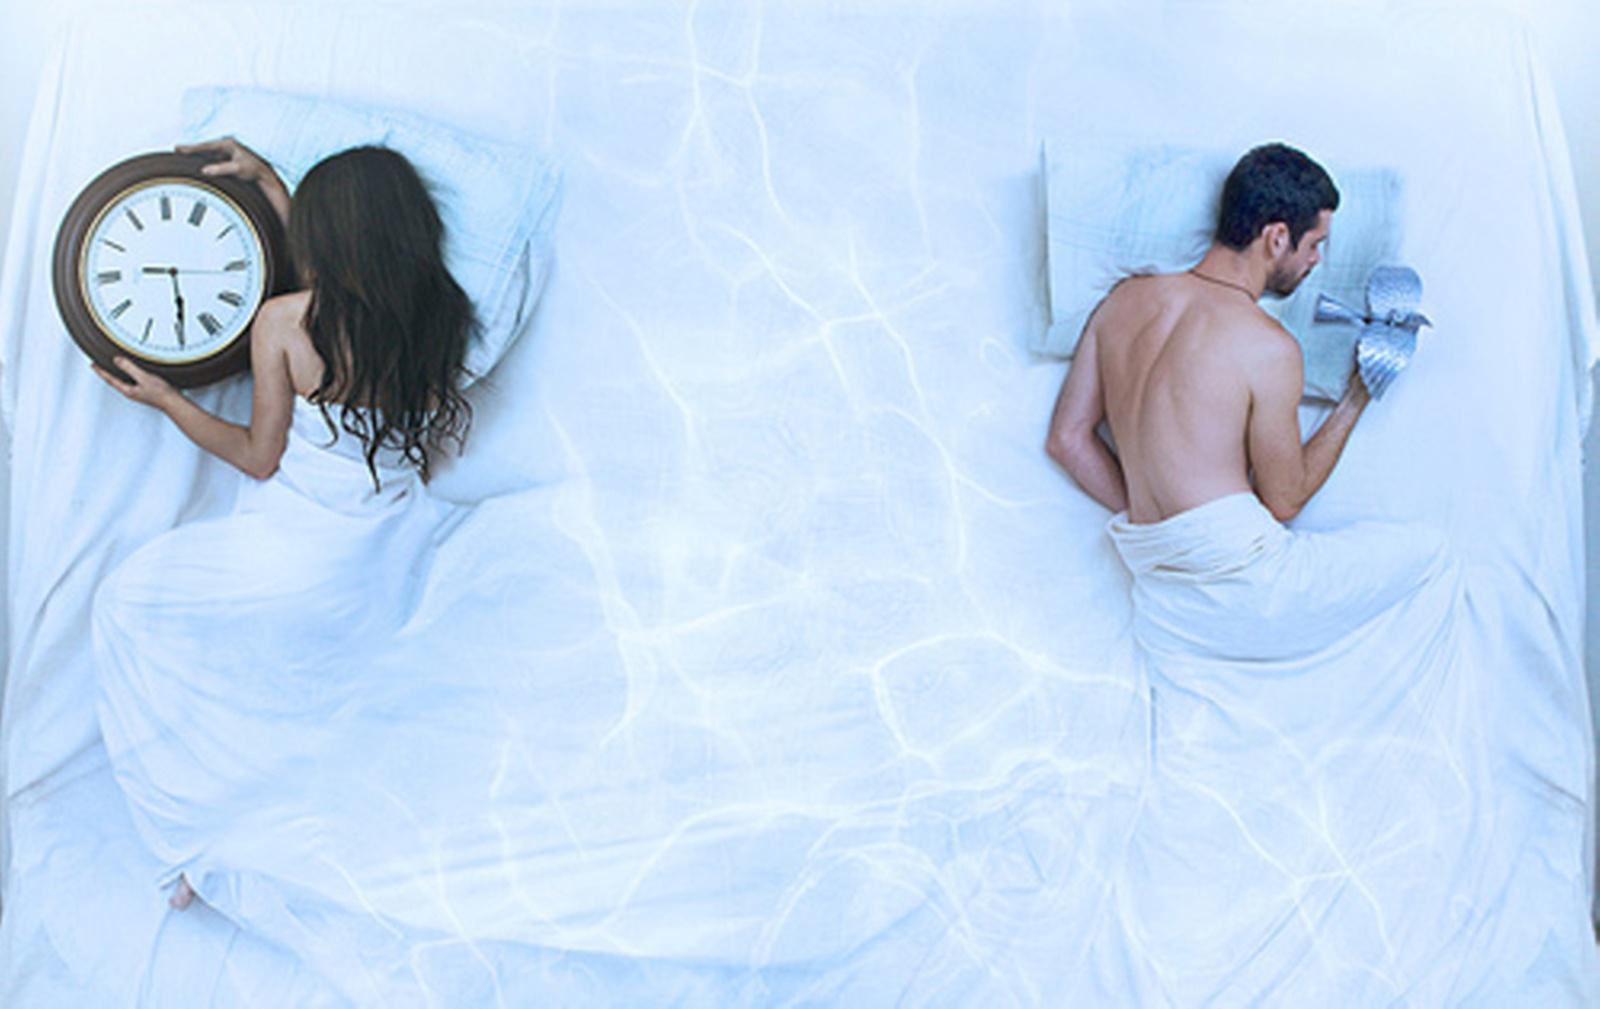 Романтика в картинках на расстоянии, февраля